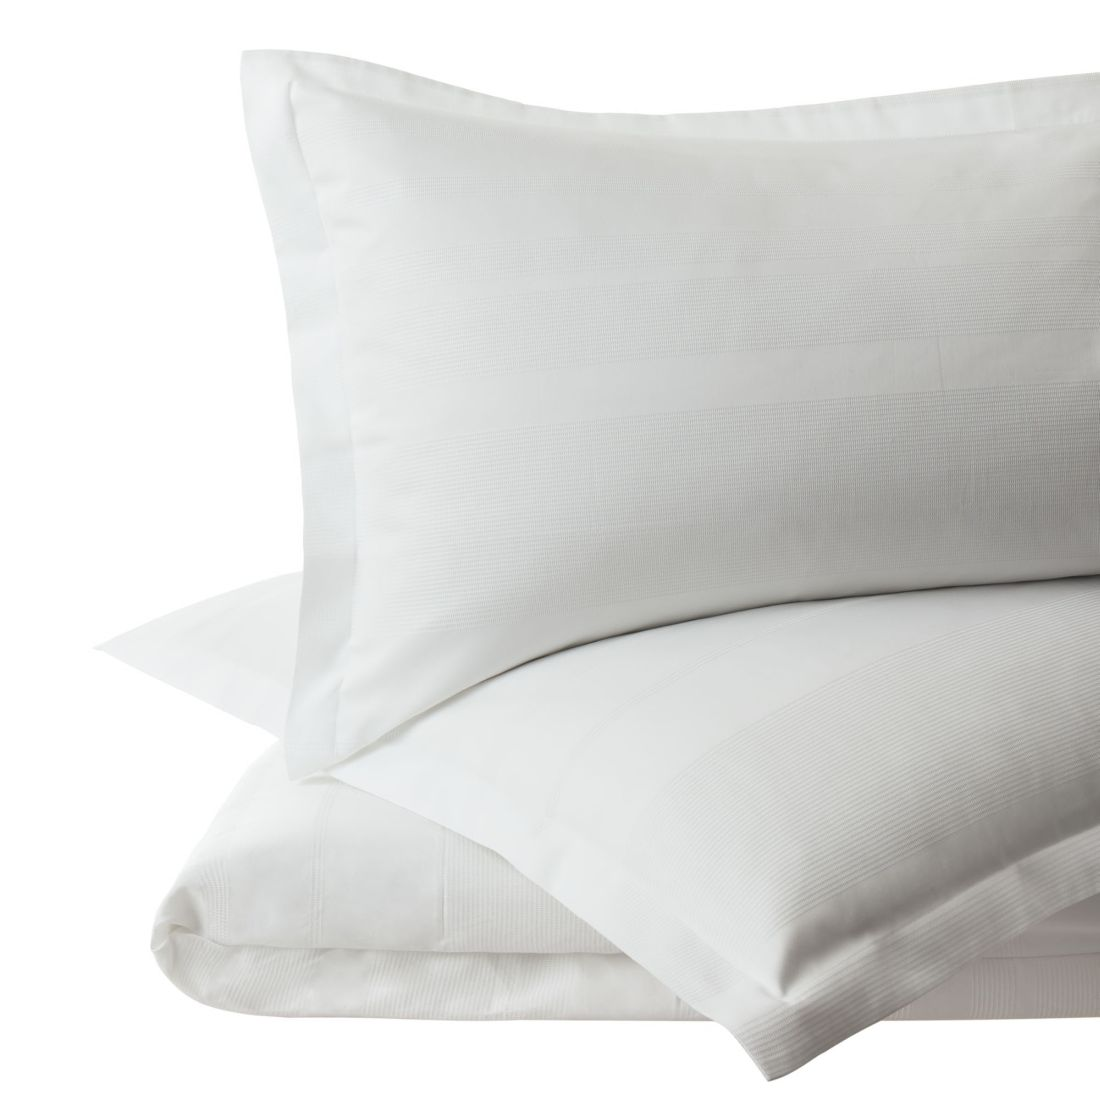 kissenbezug 80 80 preisvergleich die besten angebote online kaufen. Black Bedroom Furniture Sets. Home Design Ideas